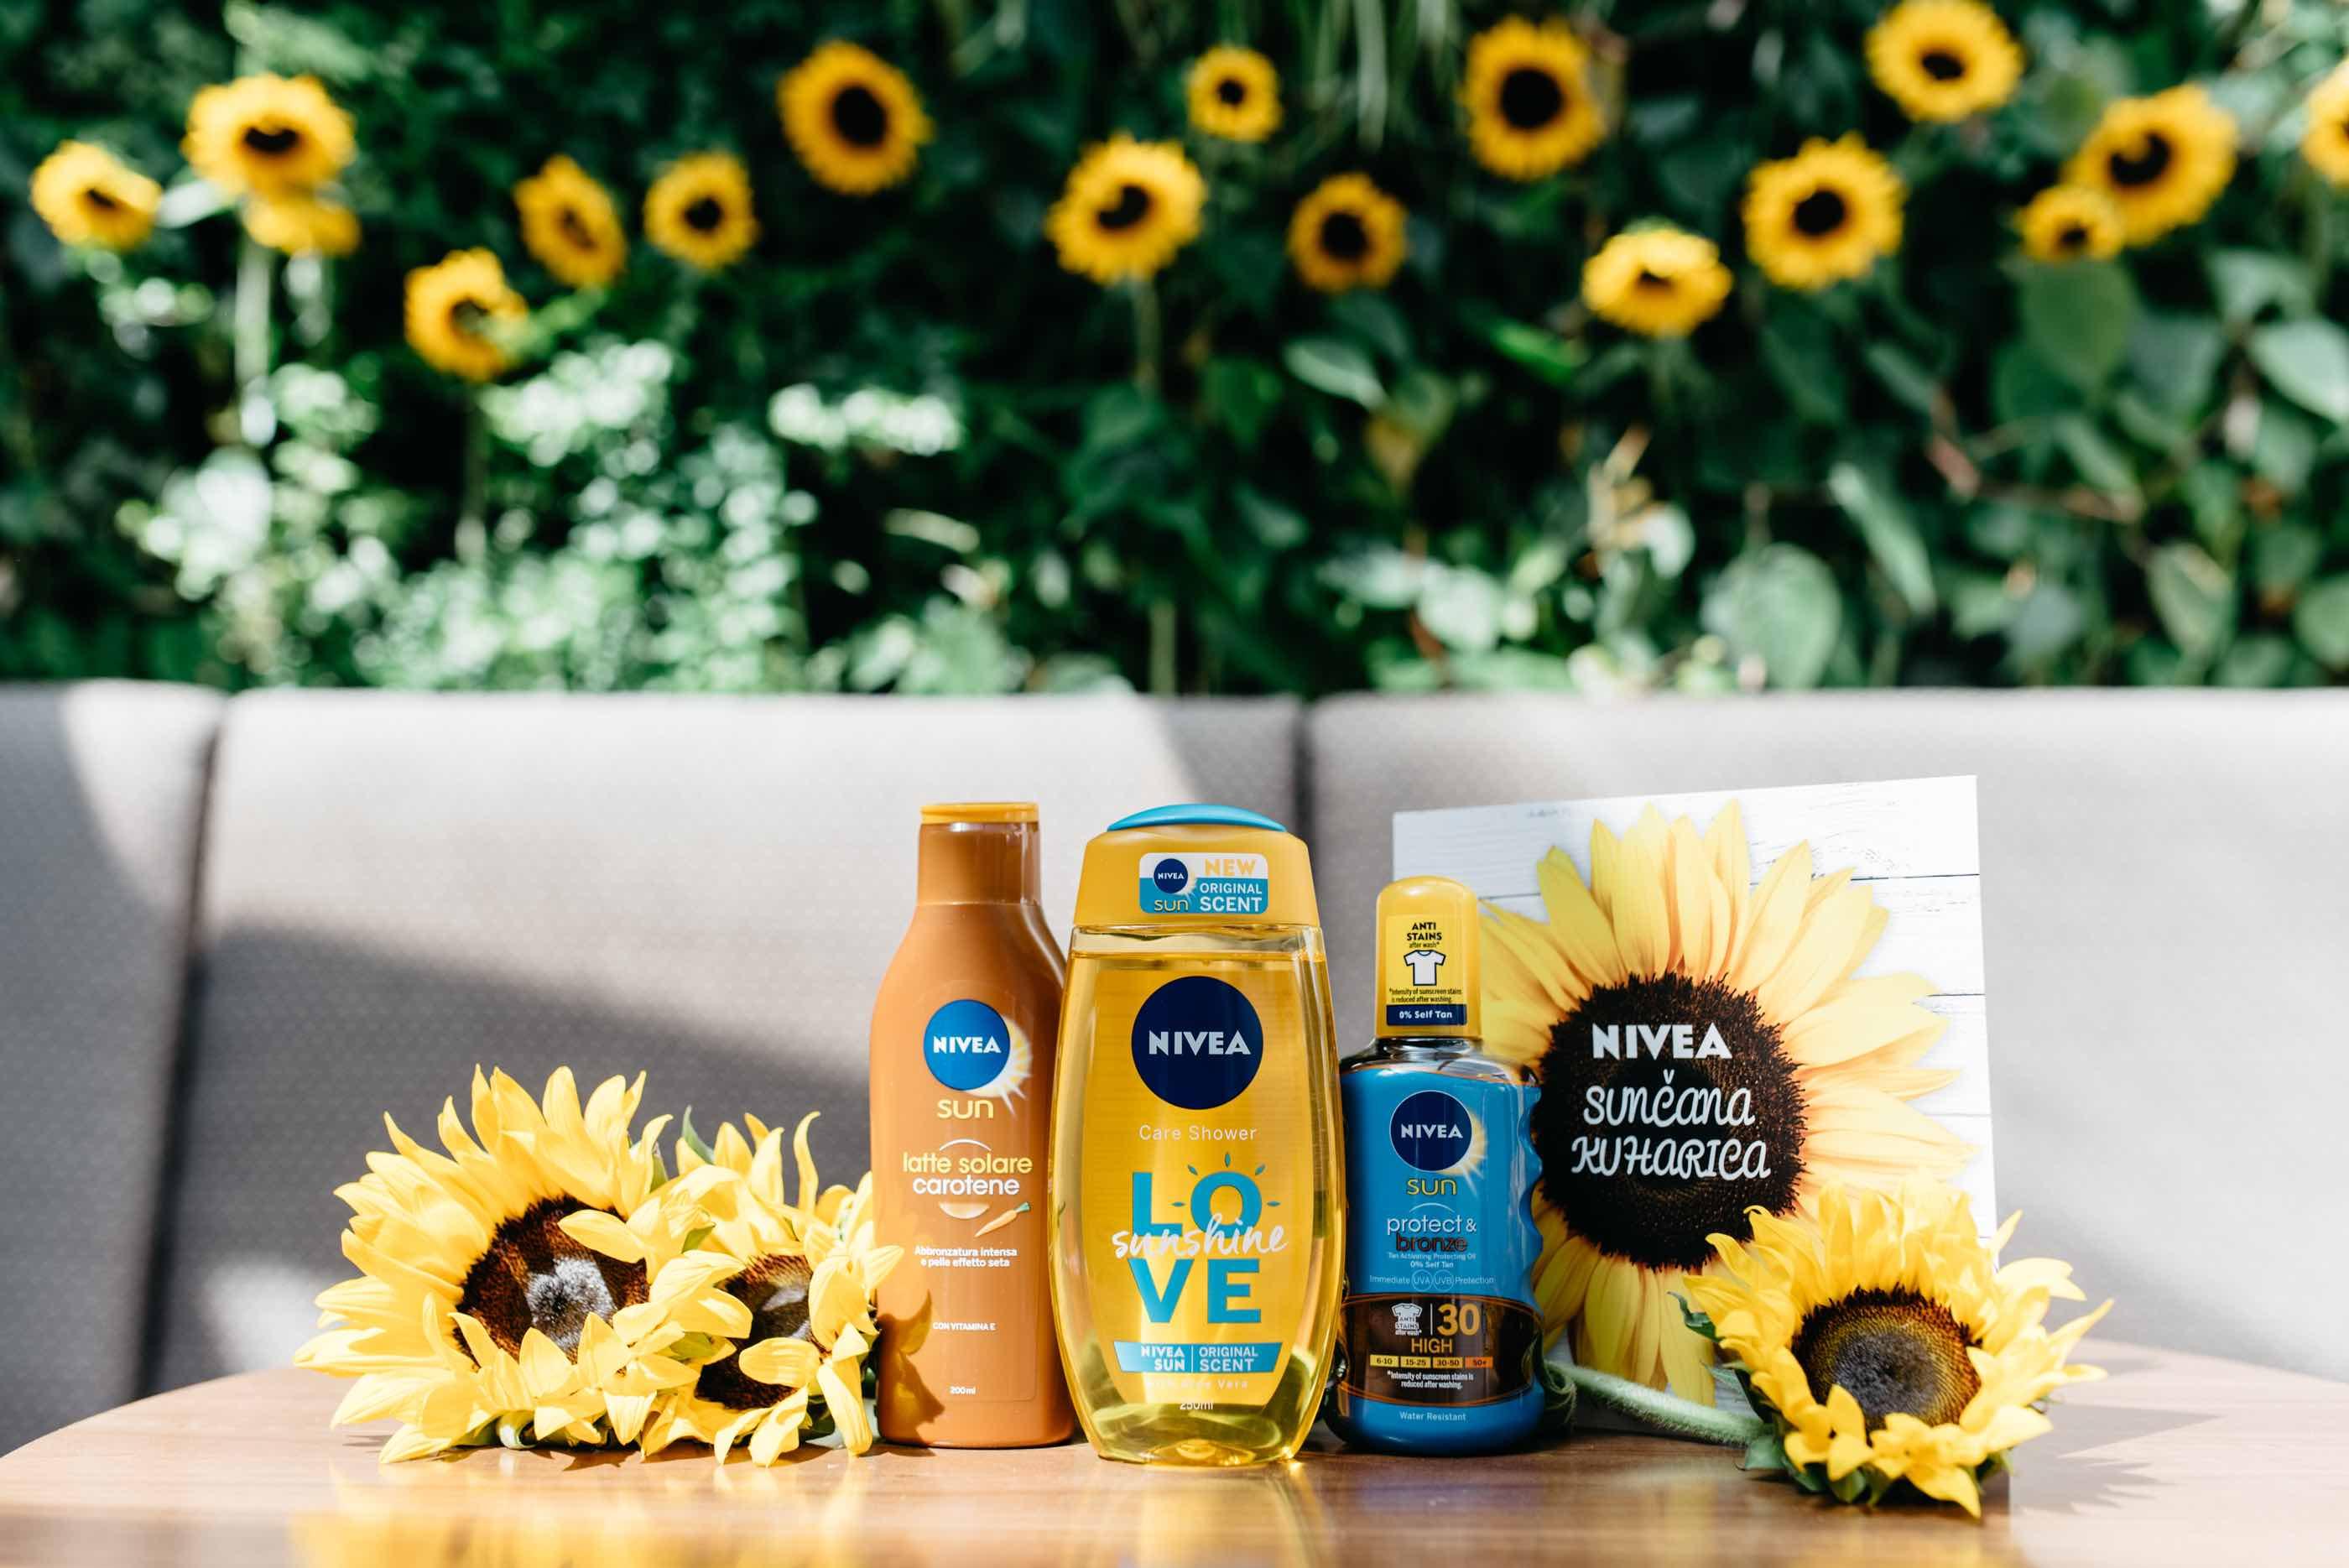 NIVEA predstavila Protect & Bronze liniju za sunčanje